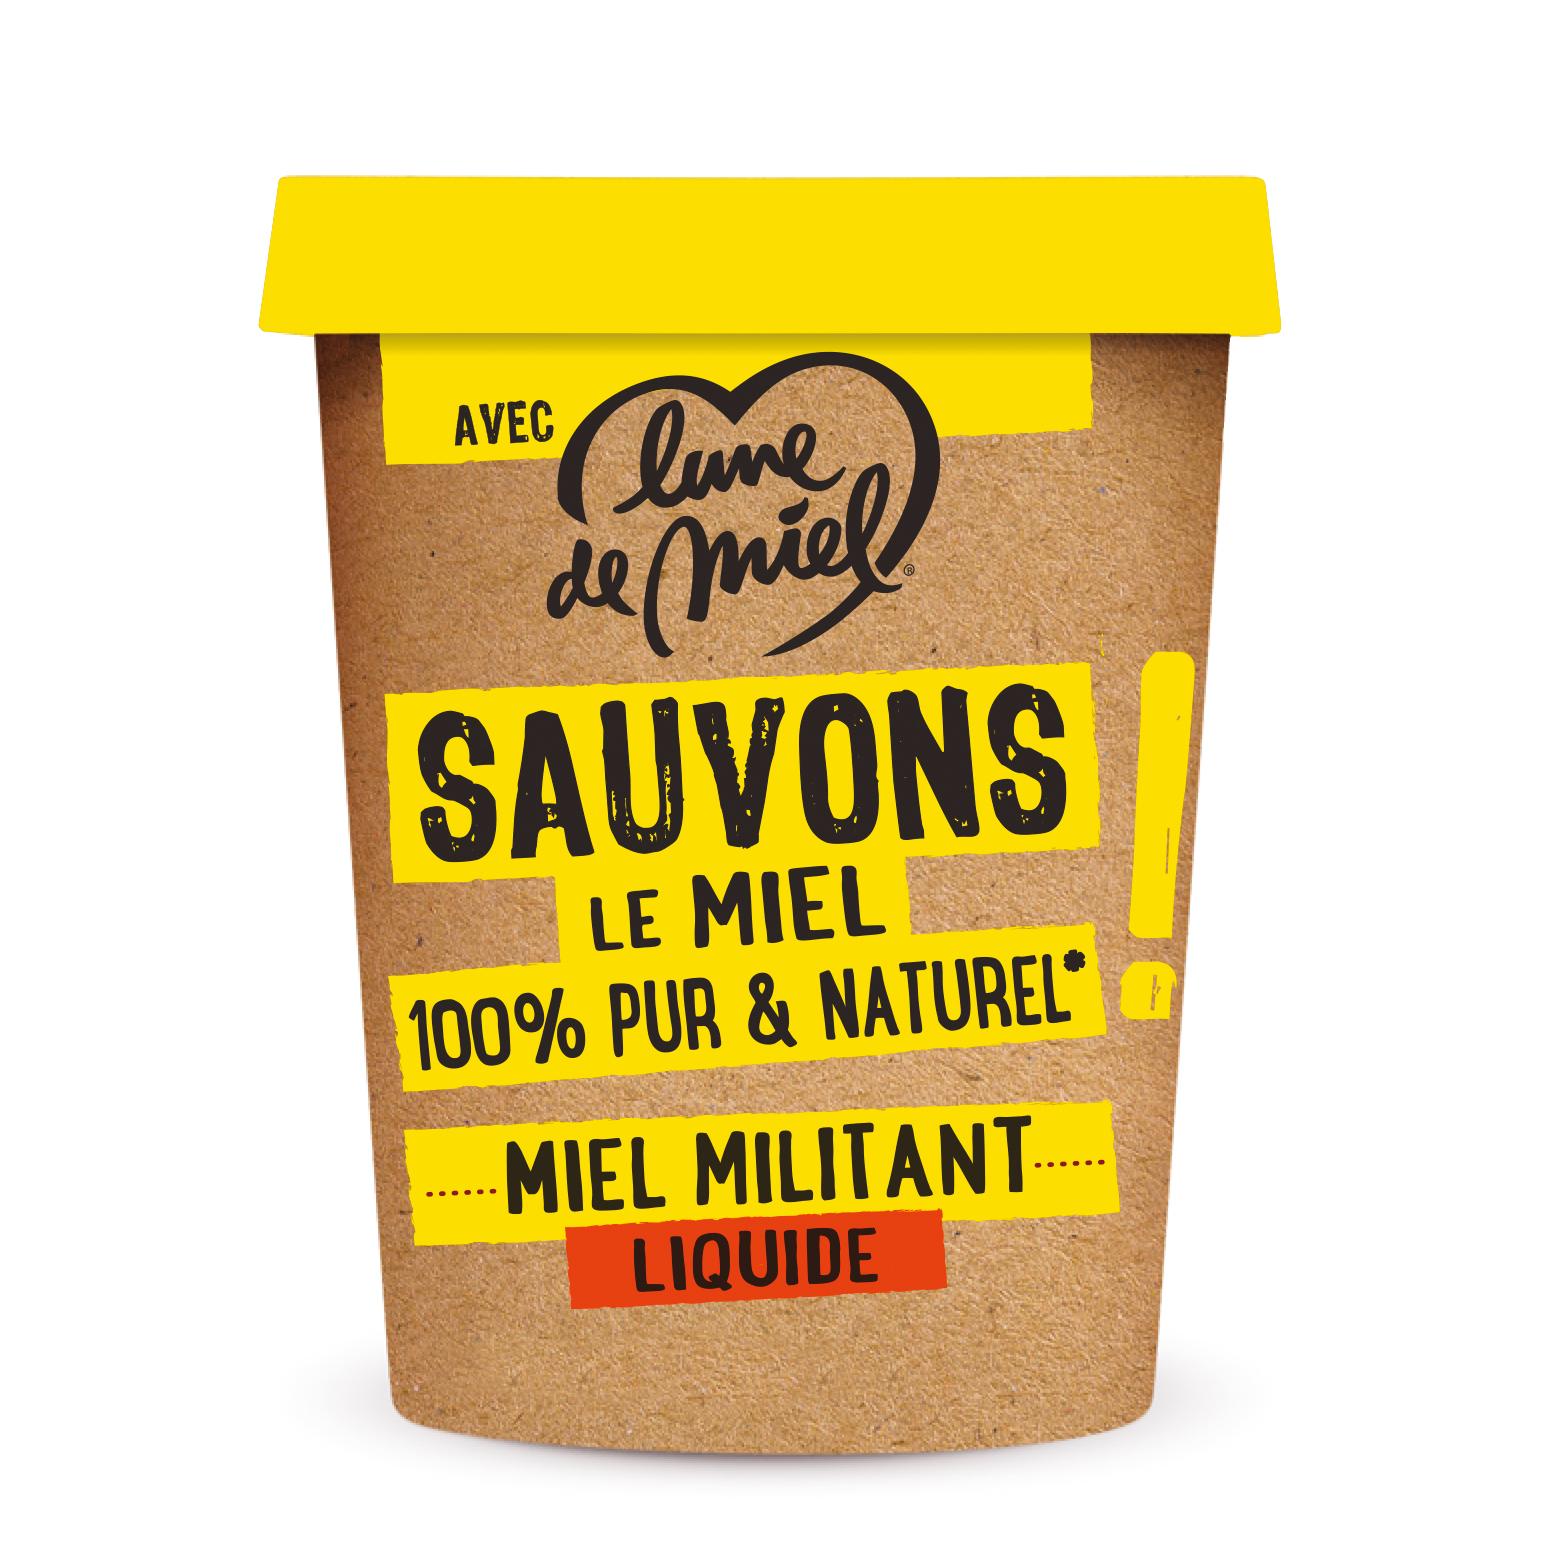 LDM Miel Militant Liquide 500 g - Lune de miel créé la gamme Le Miel Militant